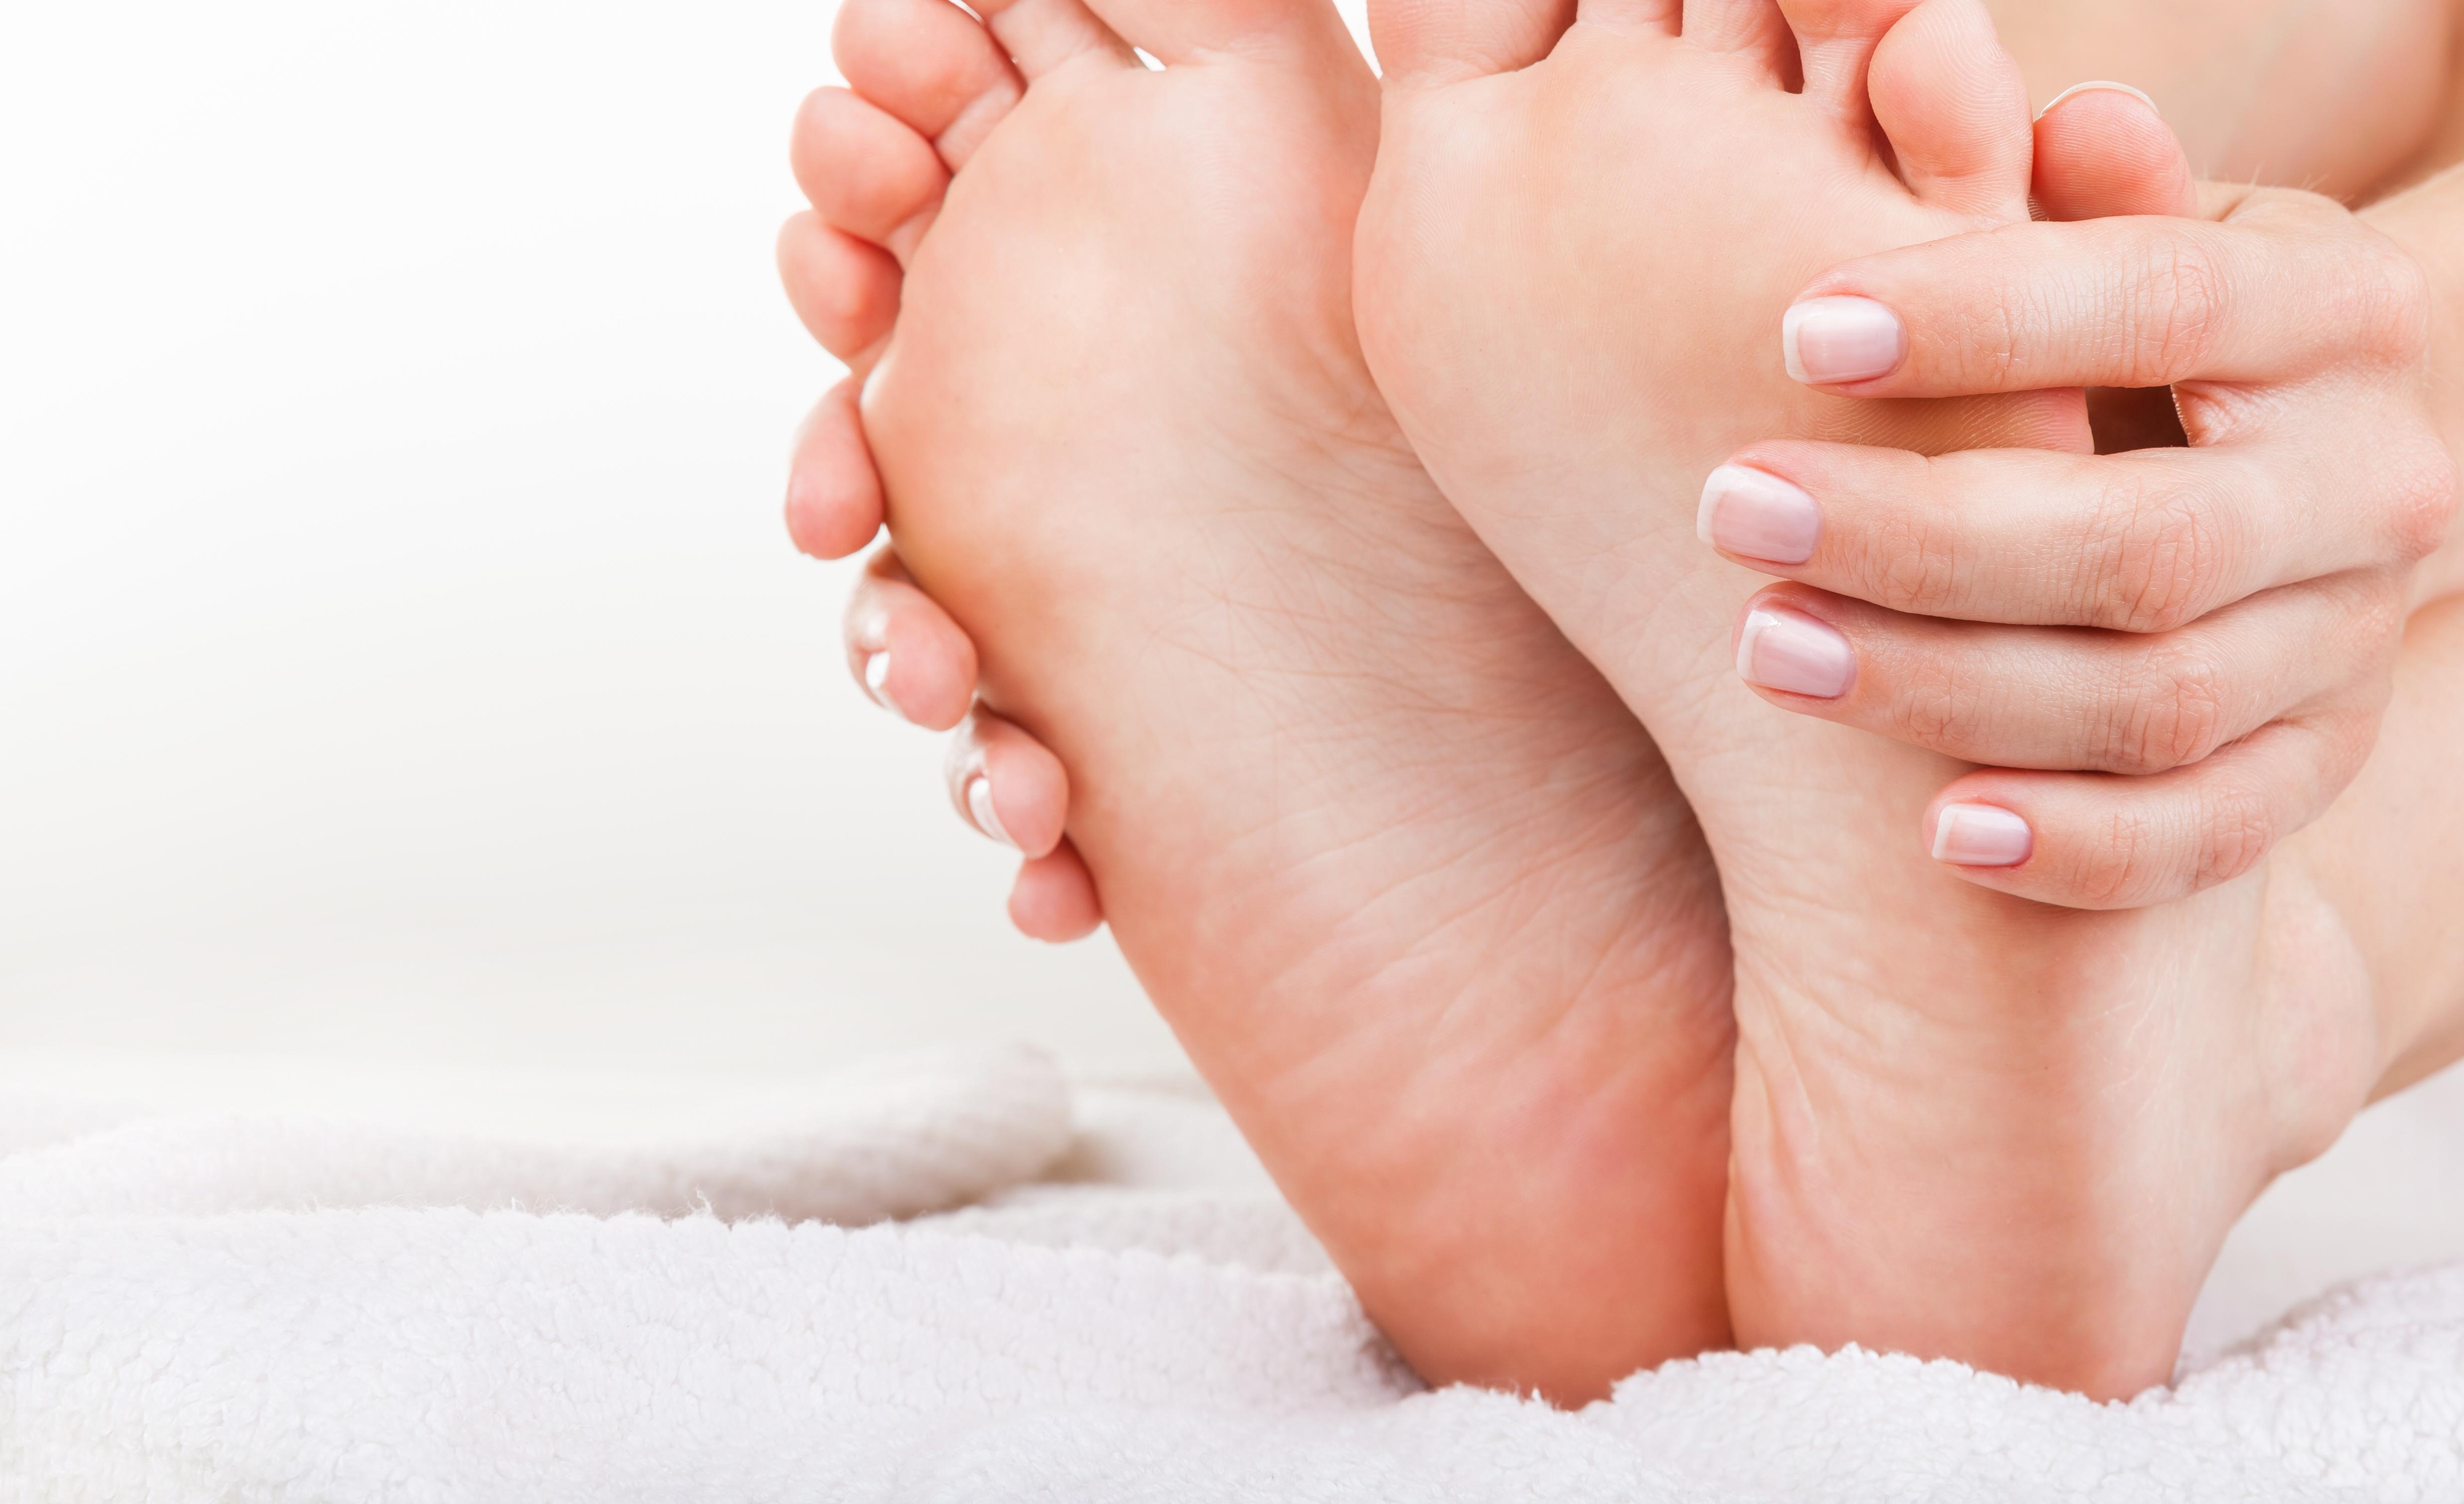 تکنیکی ارزان برای از بین بردن  پینه پا